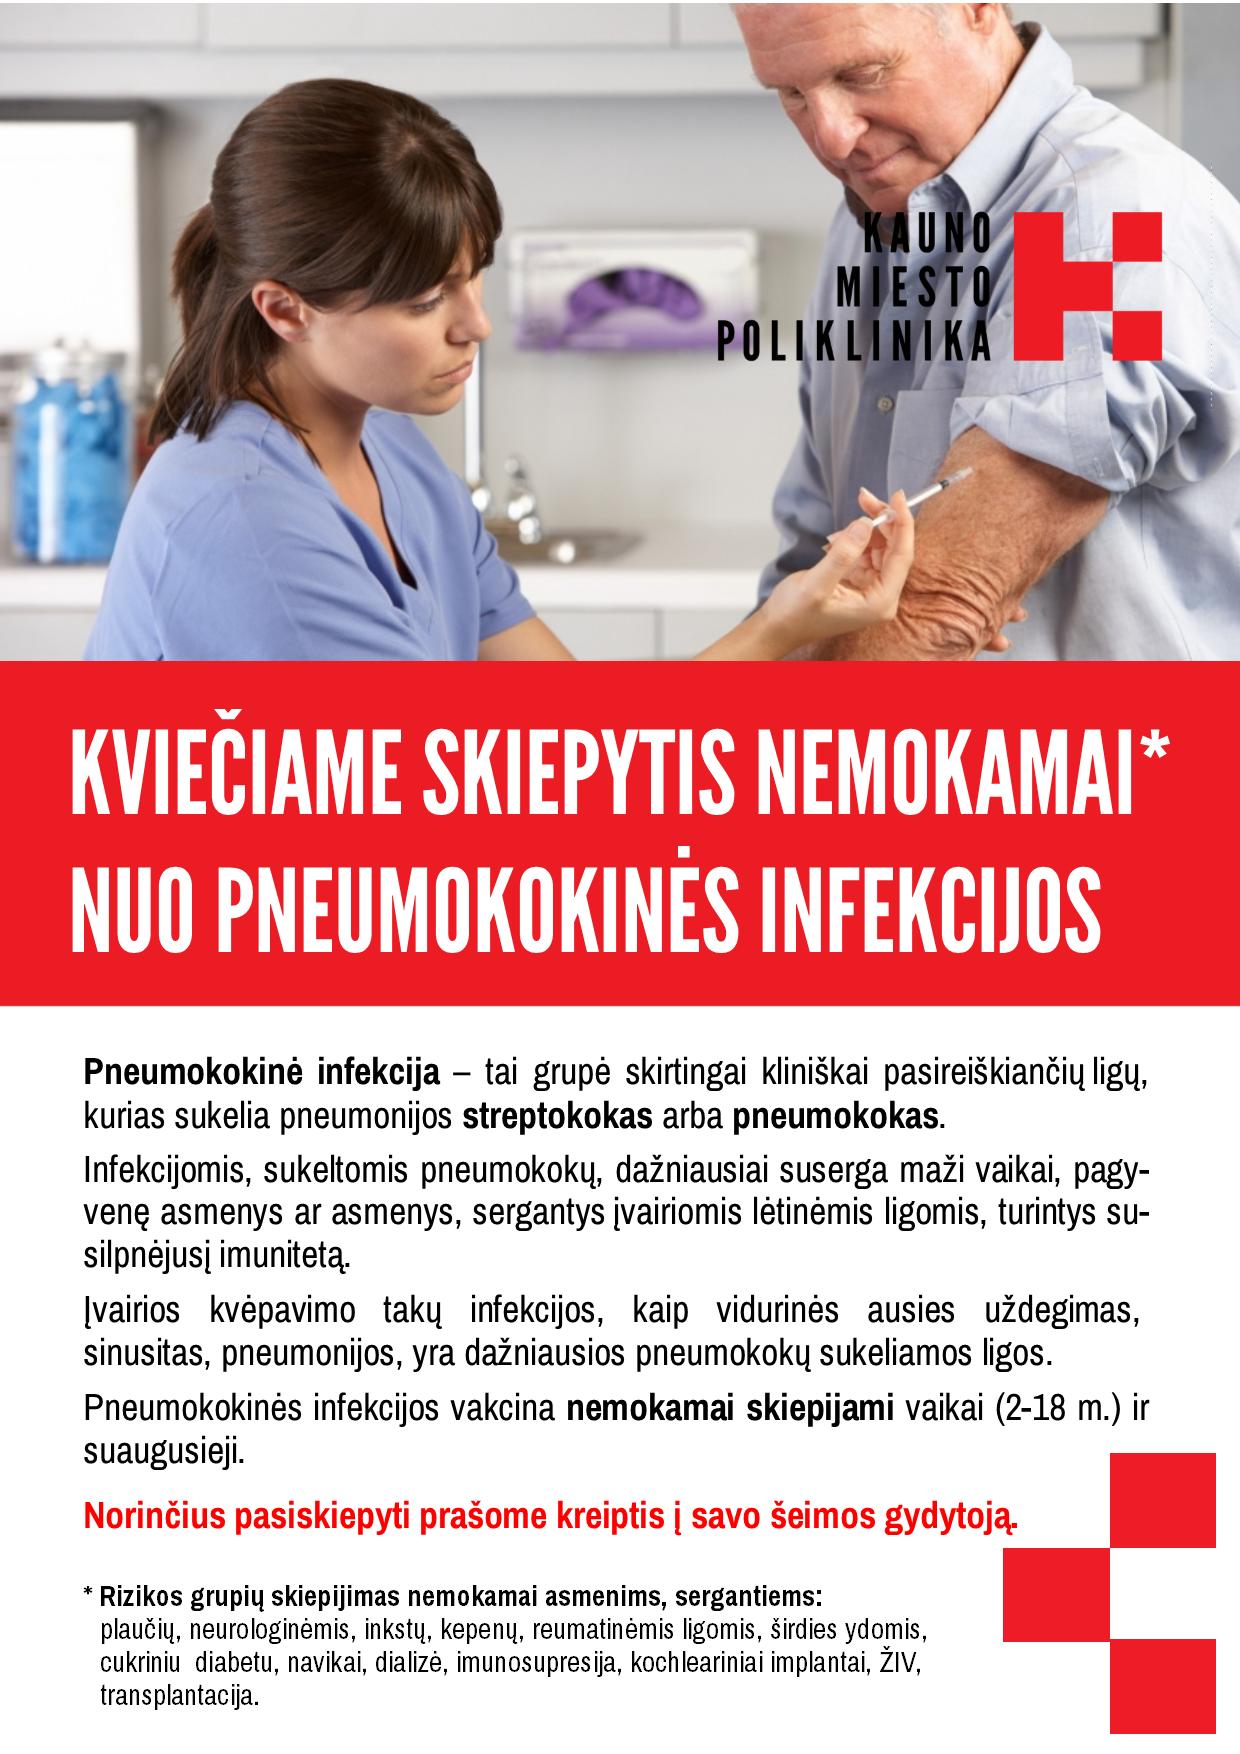 Kviečiame skiepytis nemokamai nuo pneumokokinės infekcijos